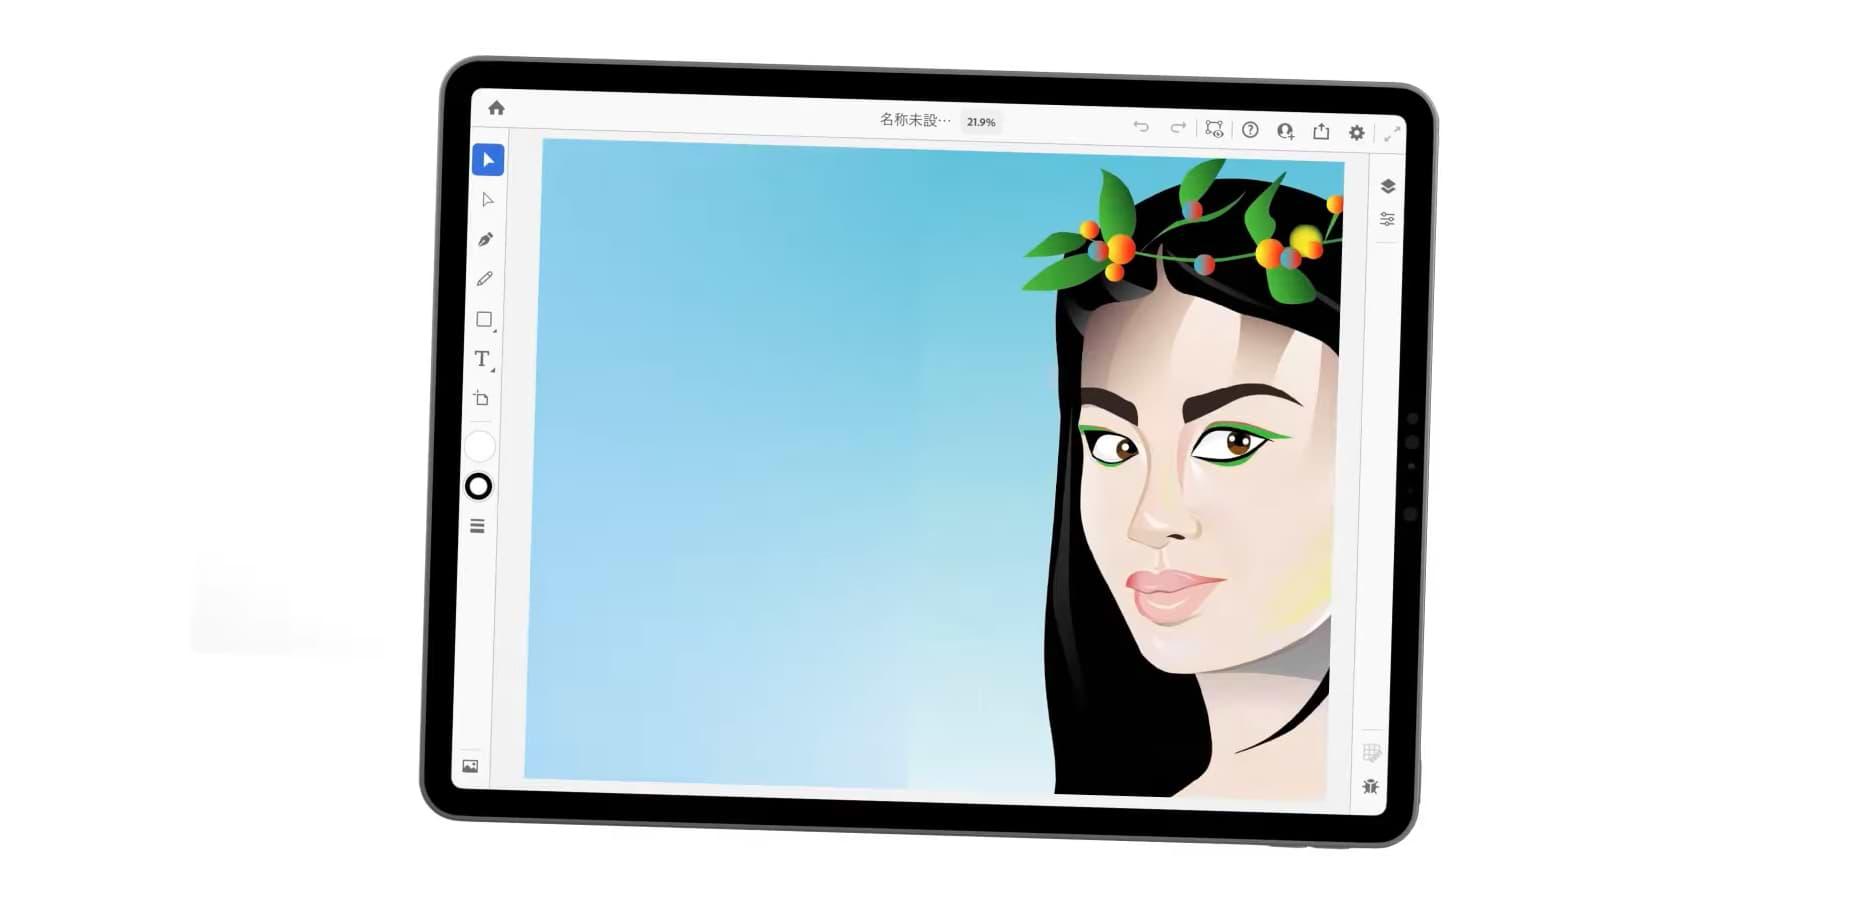 La aplicación Adobe Illustrator para iPad se lanzará en octubre